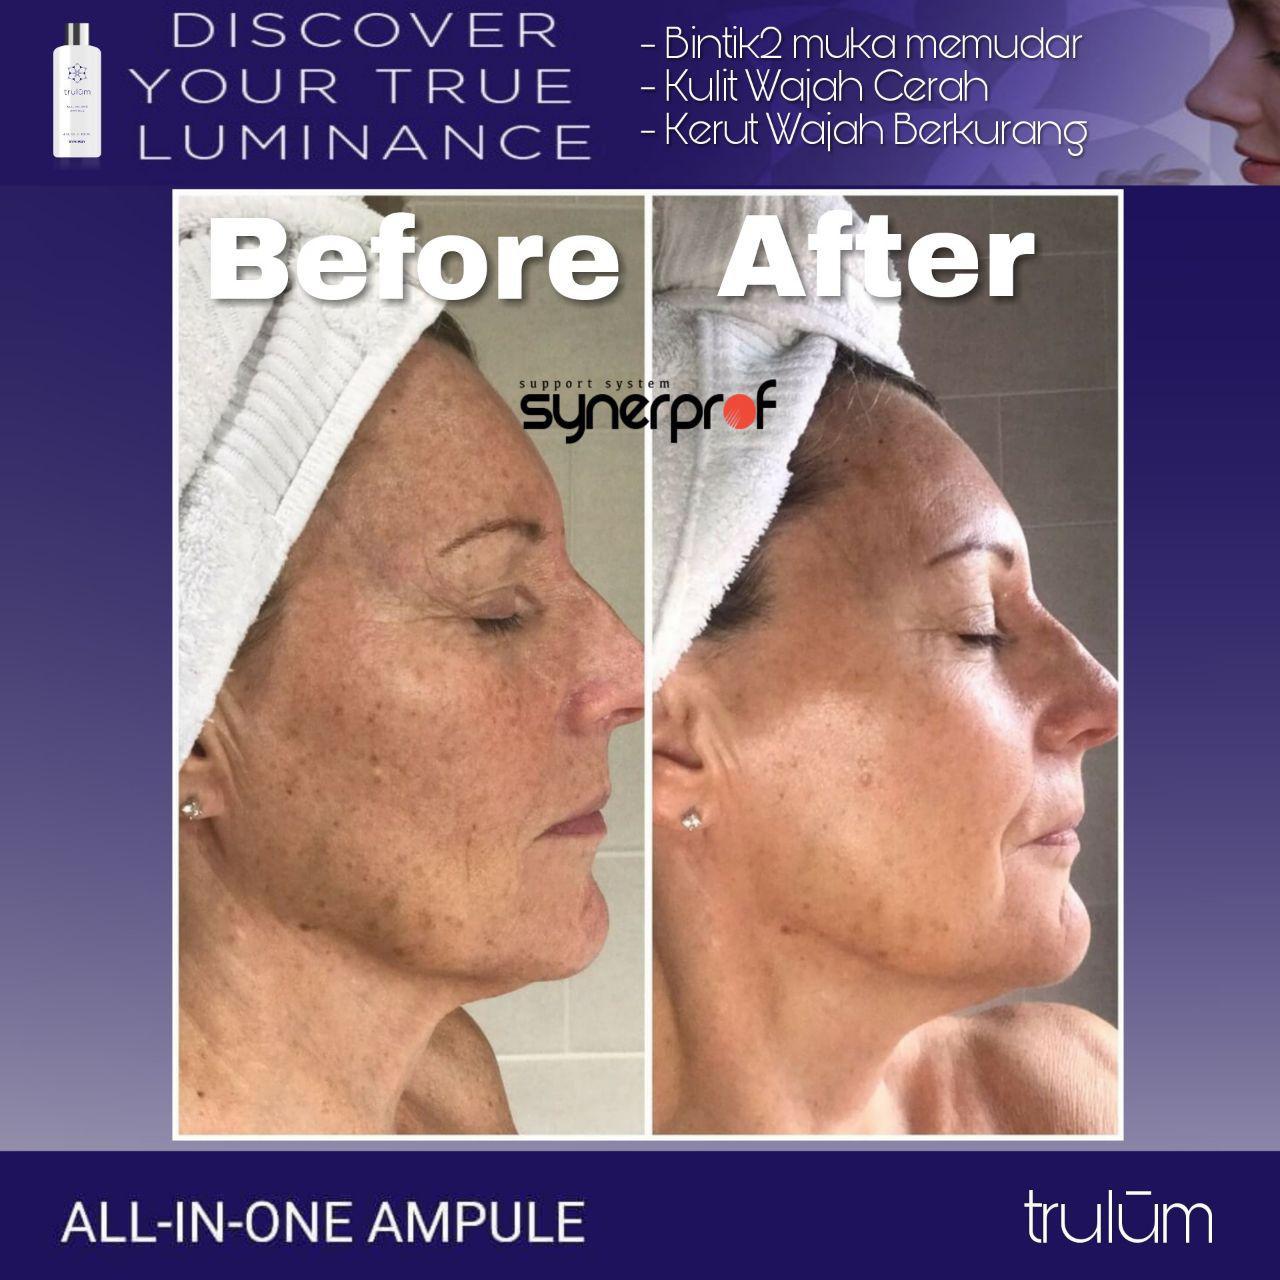 Jual Trulum Skincare Di Dolok Sigompulon, Padang Lawas Utara WA: 08112338376